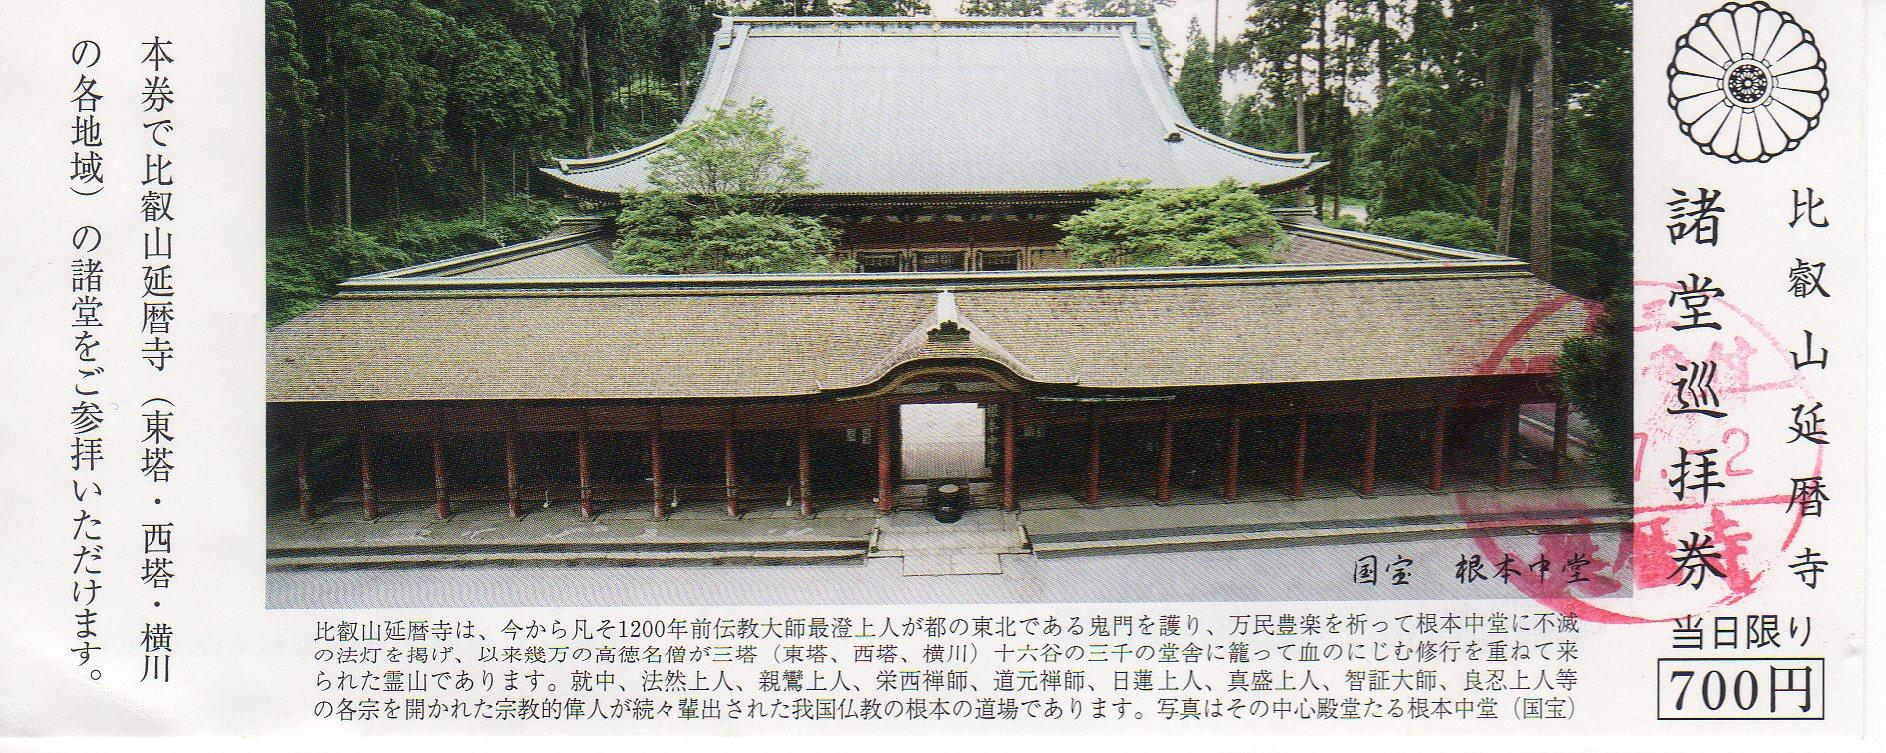 比叡山延暦寺諸堂巡拝券(2015年8月2日)-1